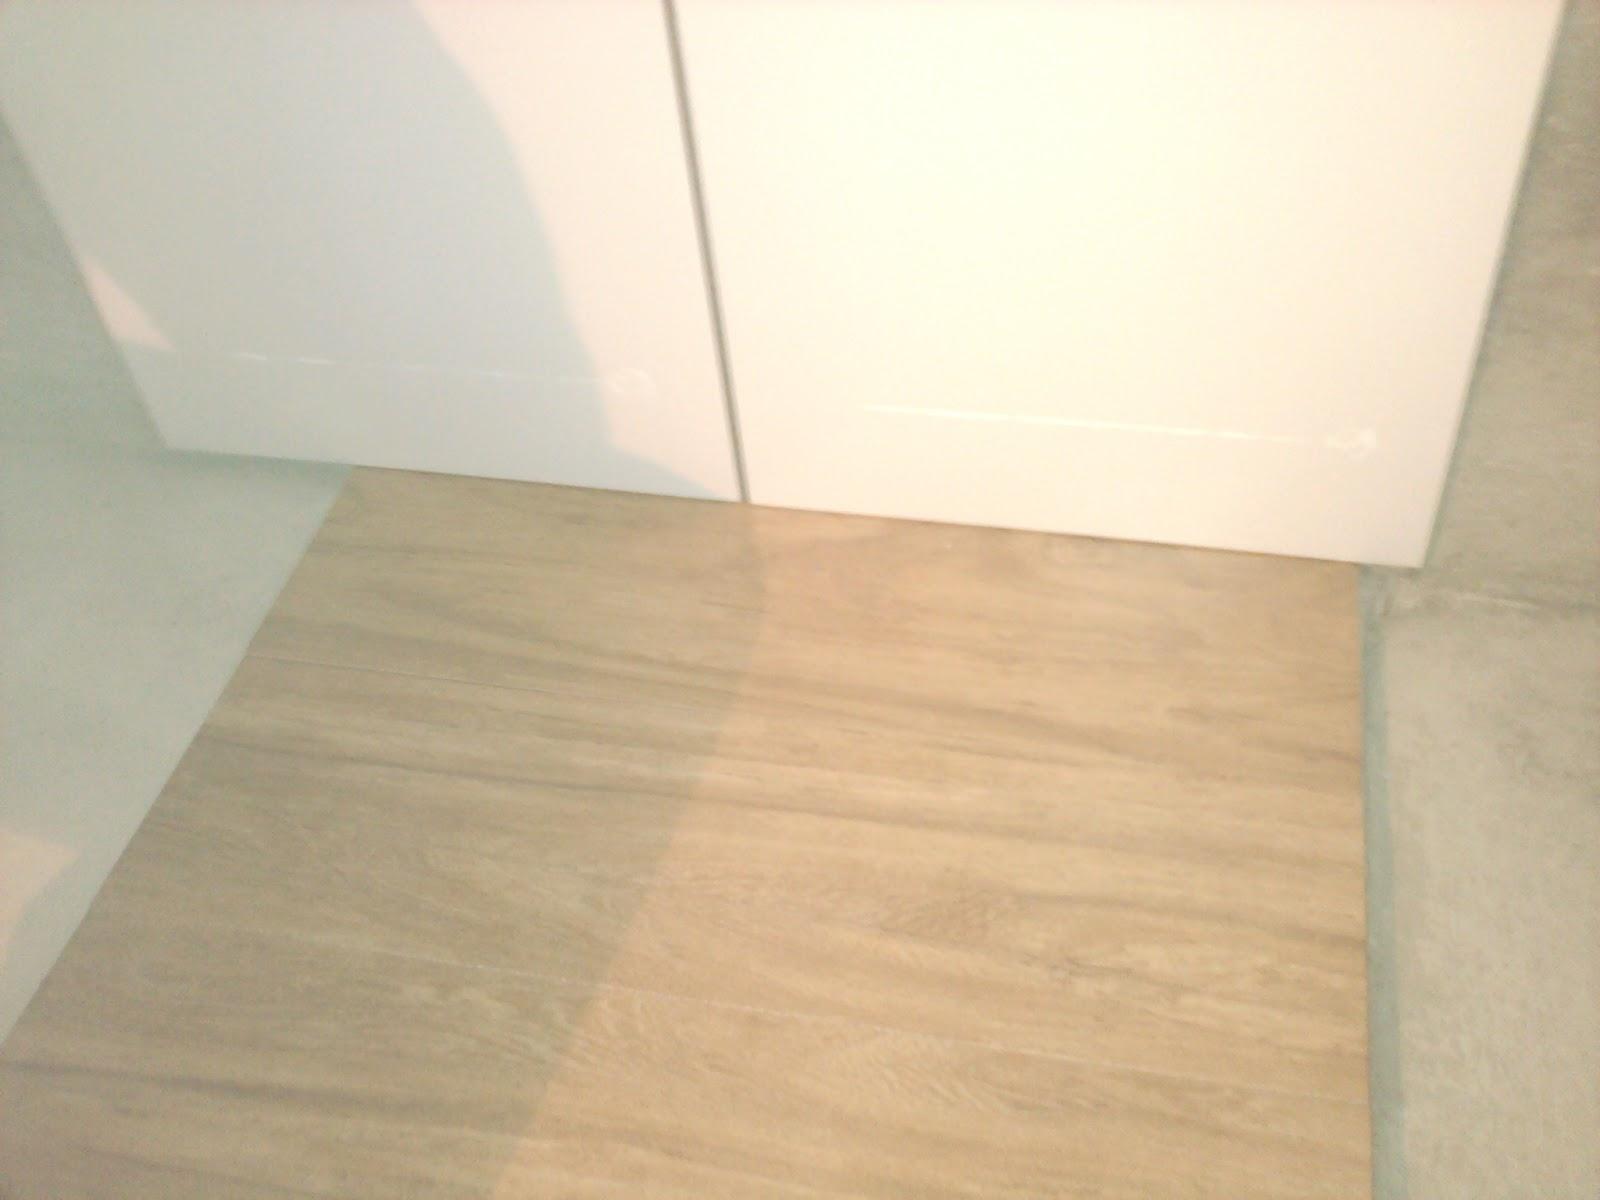 Lili em construção: Começando o banheiro #8F783C 1600x1200 Banheiro Amadeirado